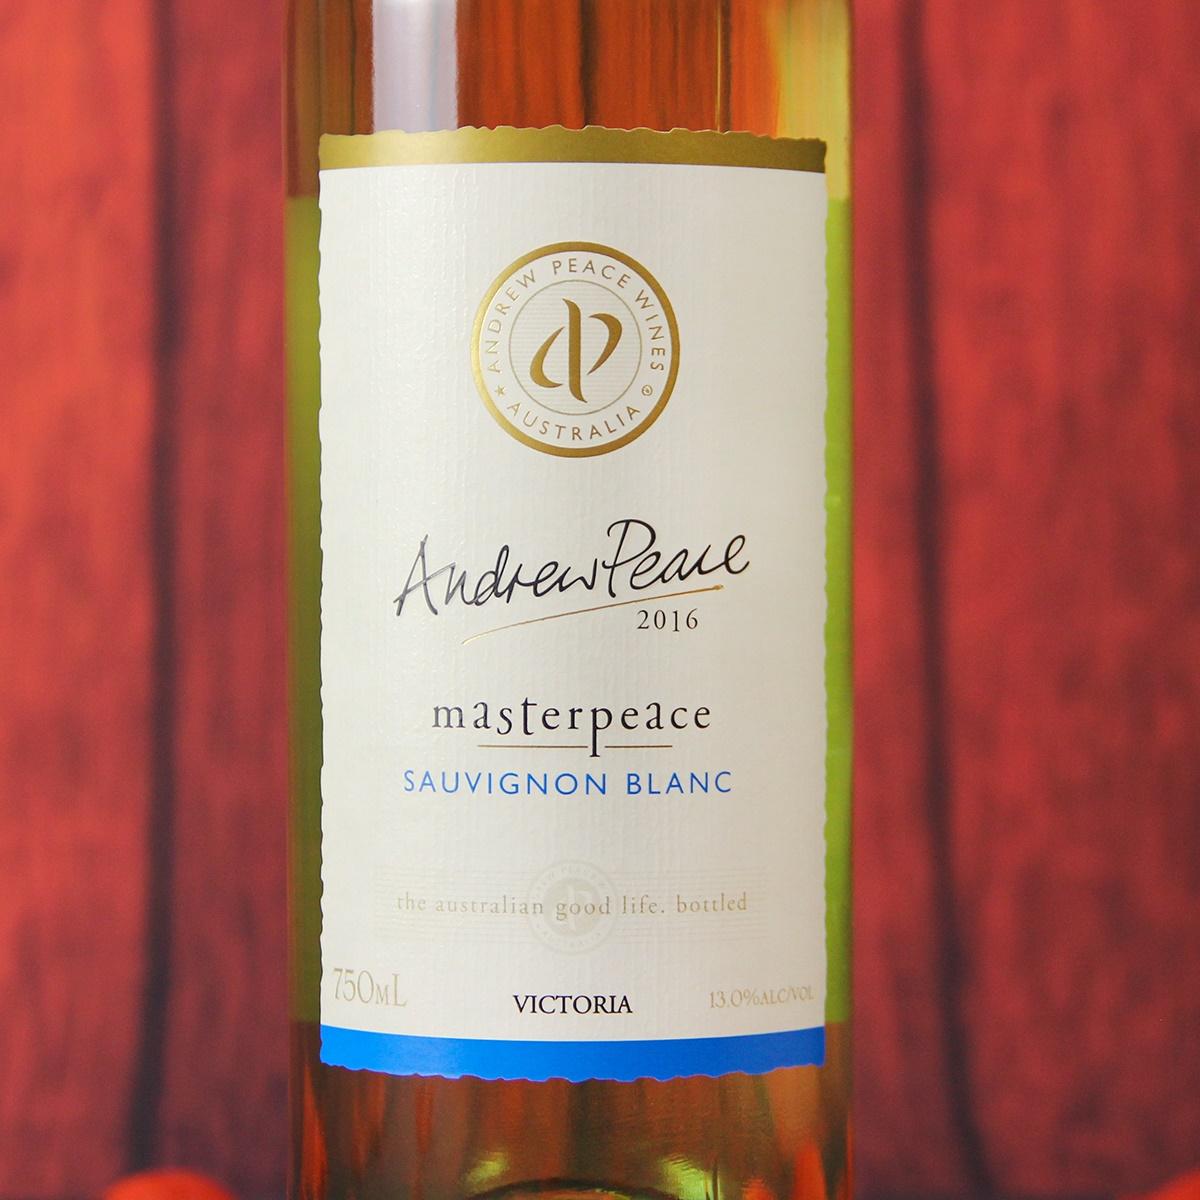 澳大利亚安德鲁皮士酒庄皮士大师 长相思干白葡萄酒